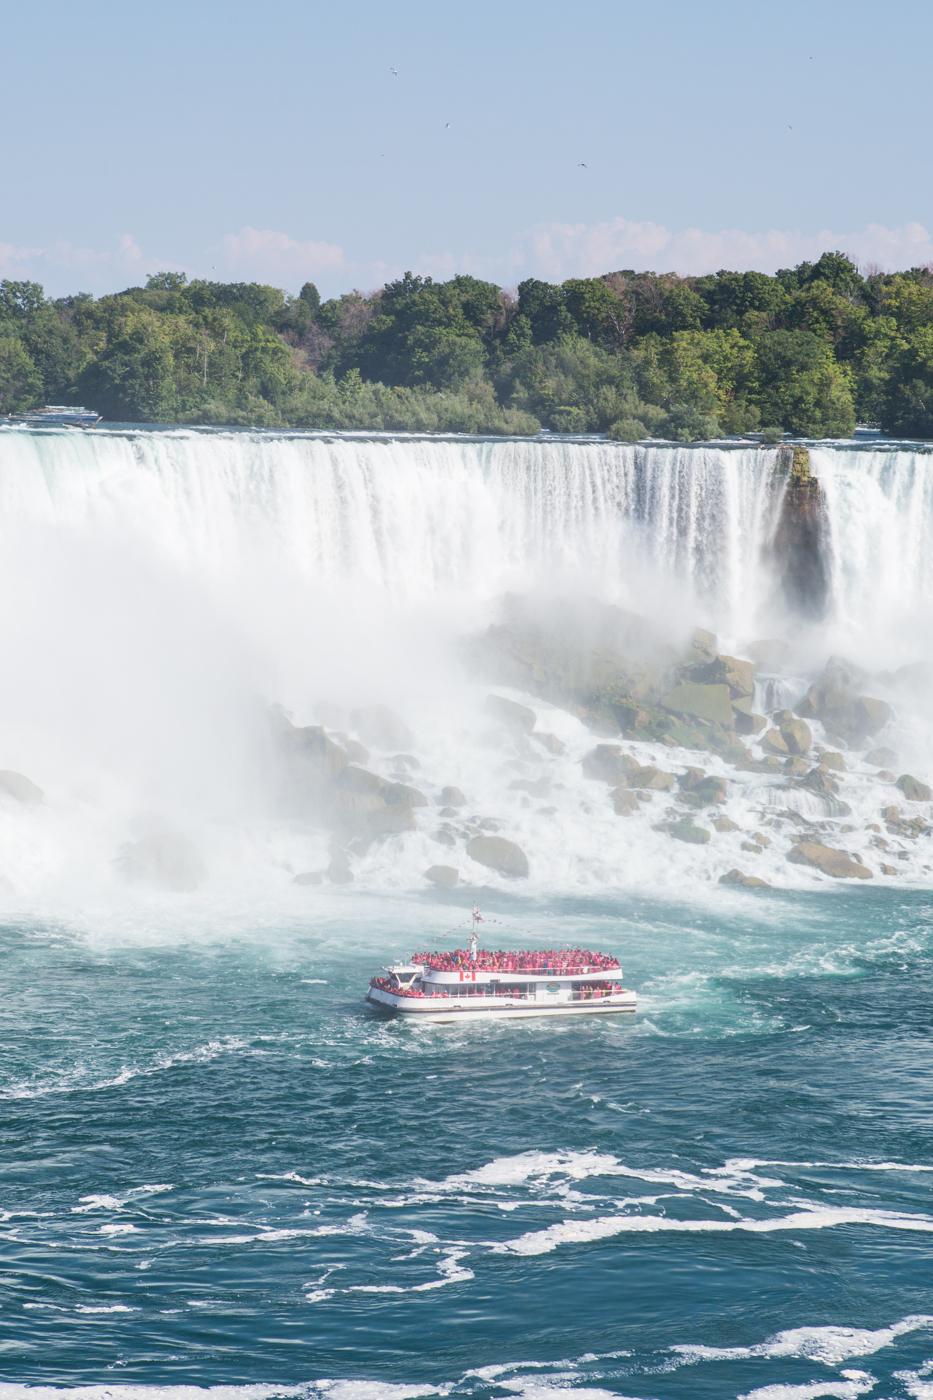 Bolandia_Blog_Montreal-Osheaga-Niagara-Falls-4152.jpg